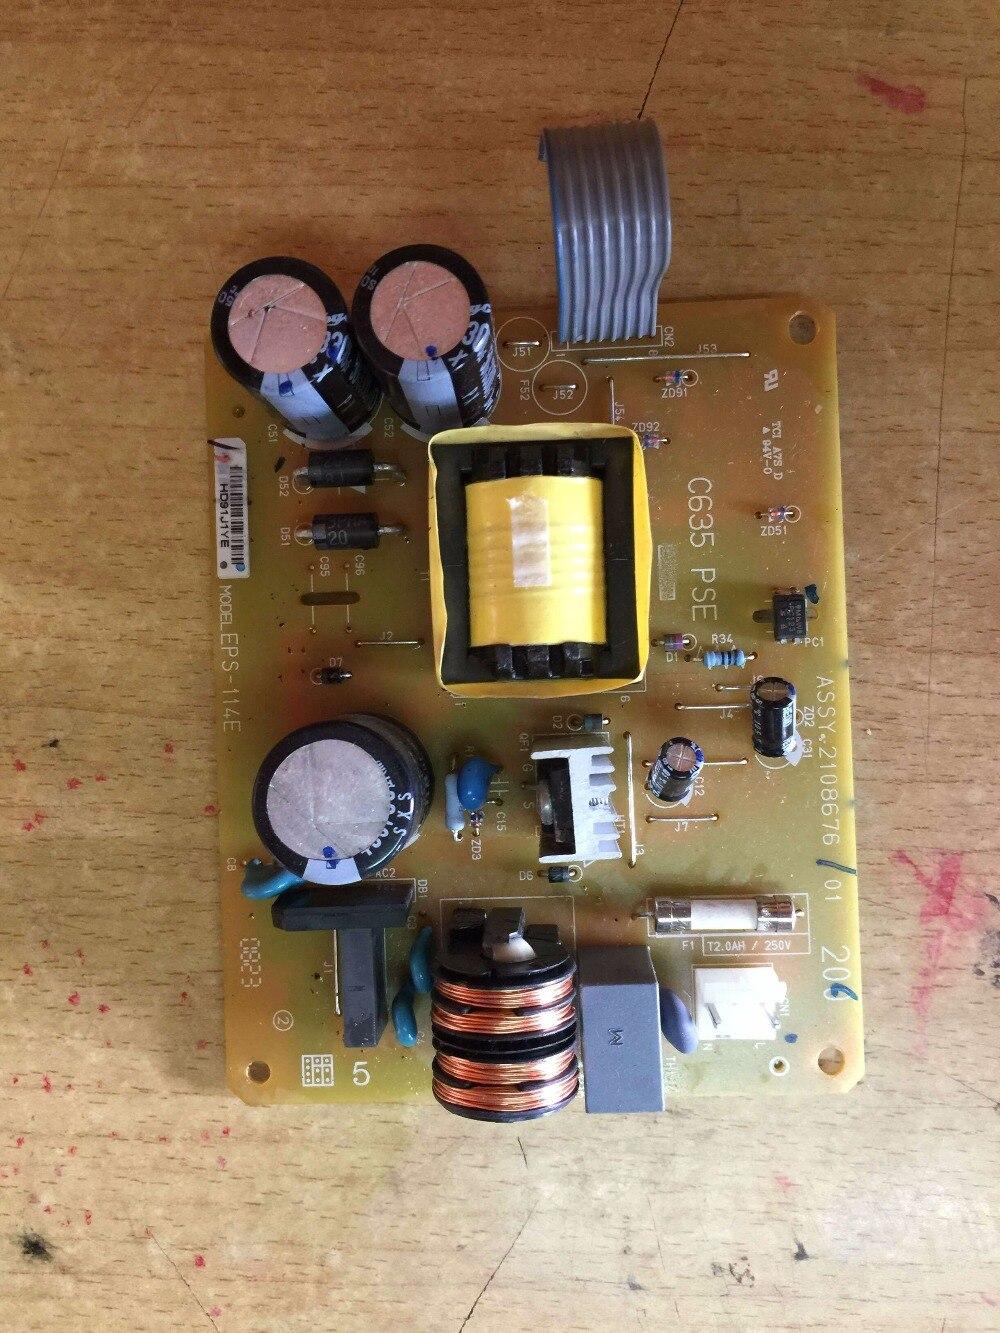 220v Power supply board Eps-114e c635 pse for Epson stylus pro 4800 4880 3800 printer 4mm 3mm uv printer tube uv ink tube printer uv tube for epson stylus pro 4800 4880 7800 9800 uv printer 50m